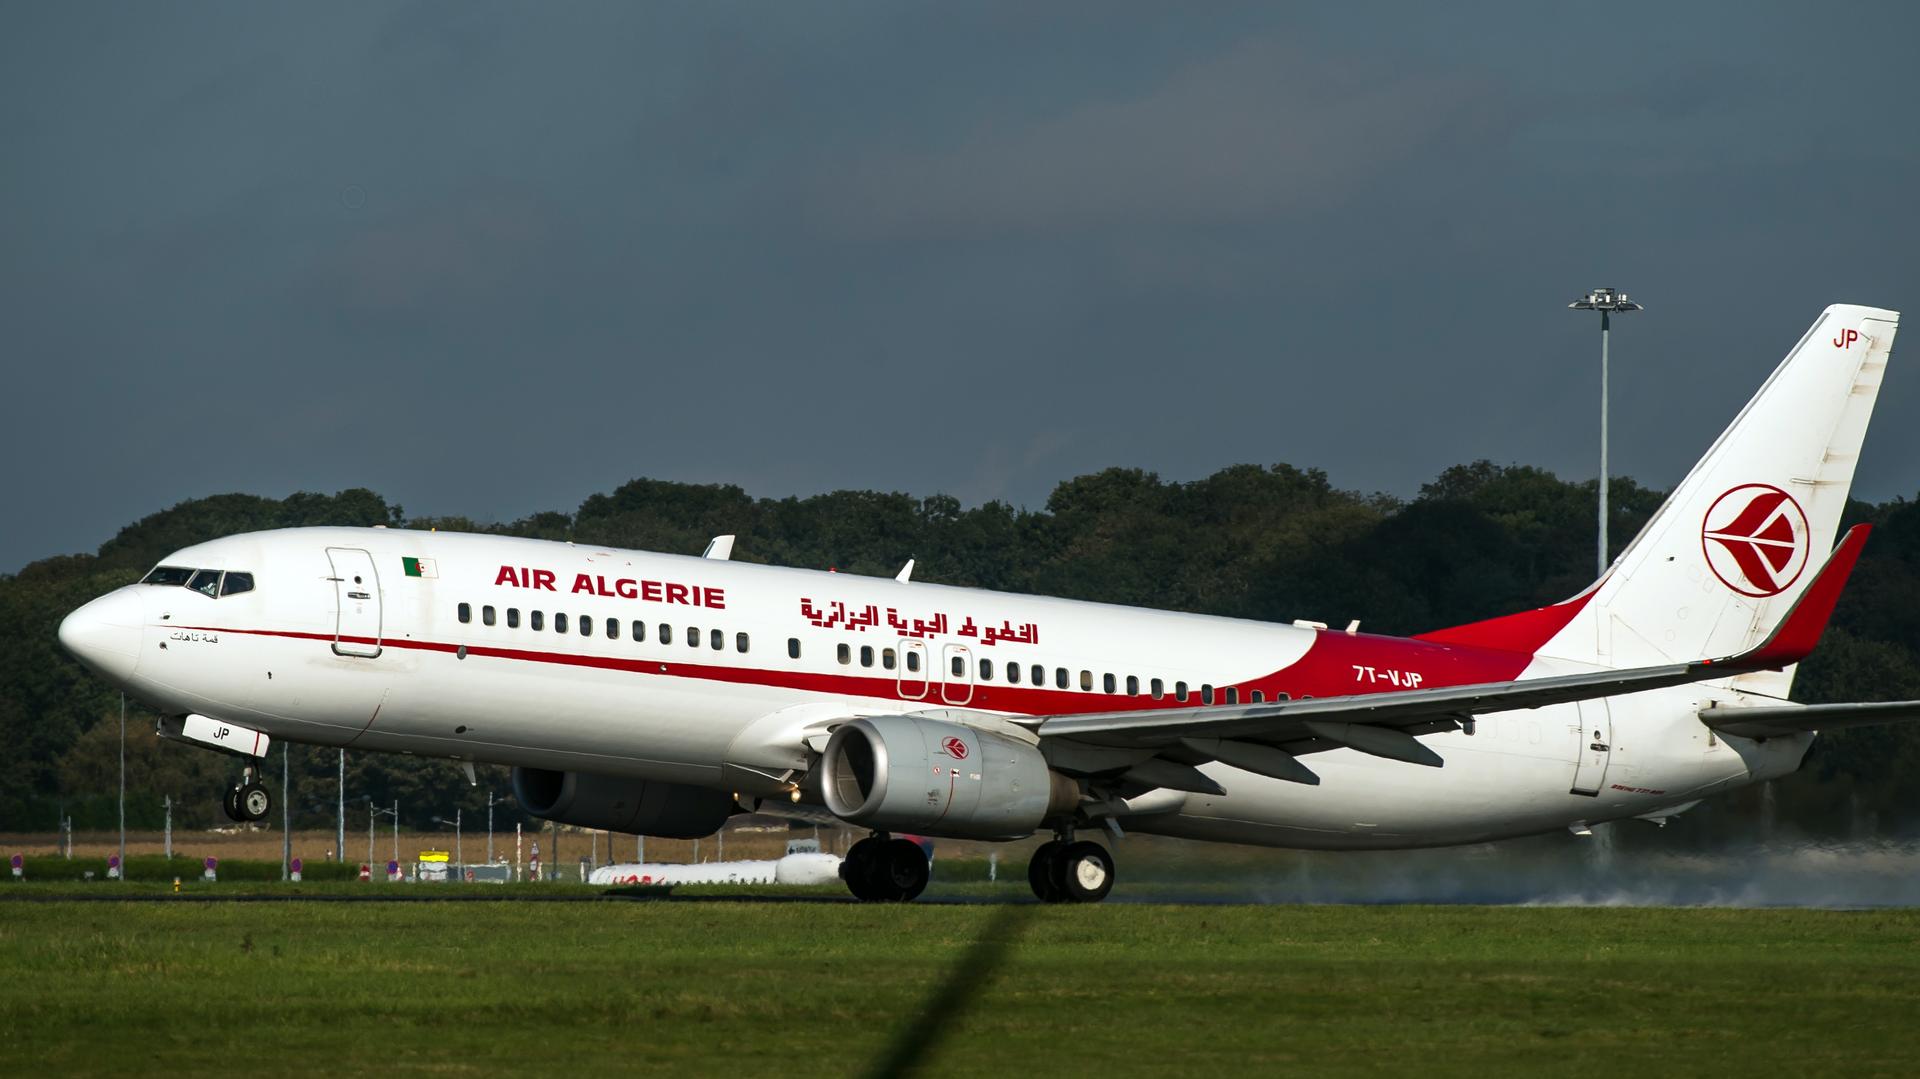 Пропавший с радаров рейс Air Algerie вернулся в Алжир из-за неисправности